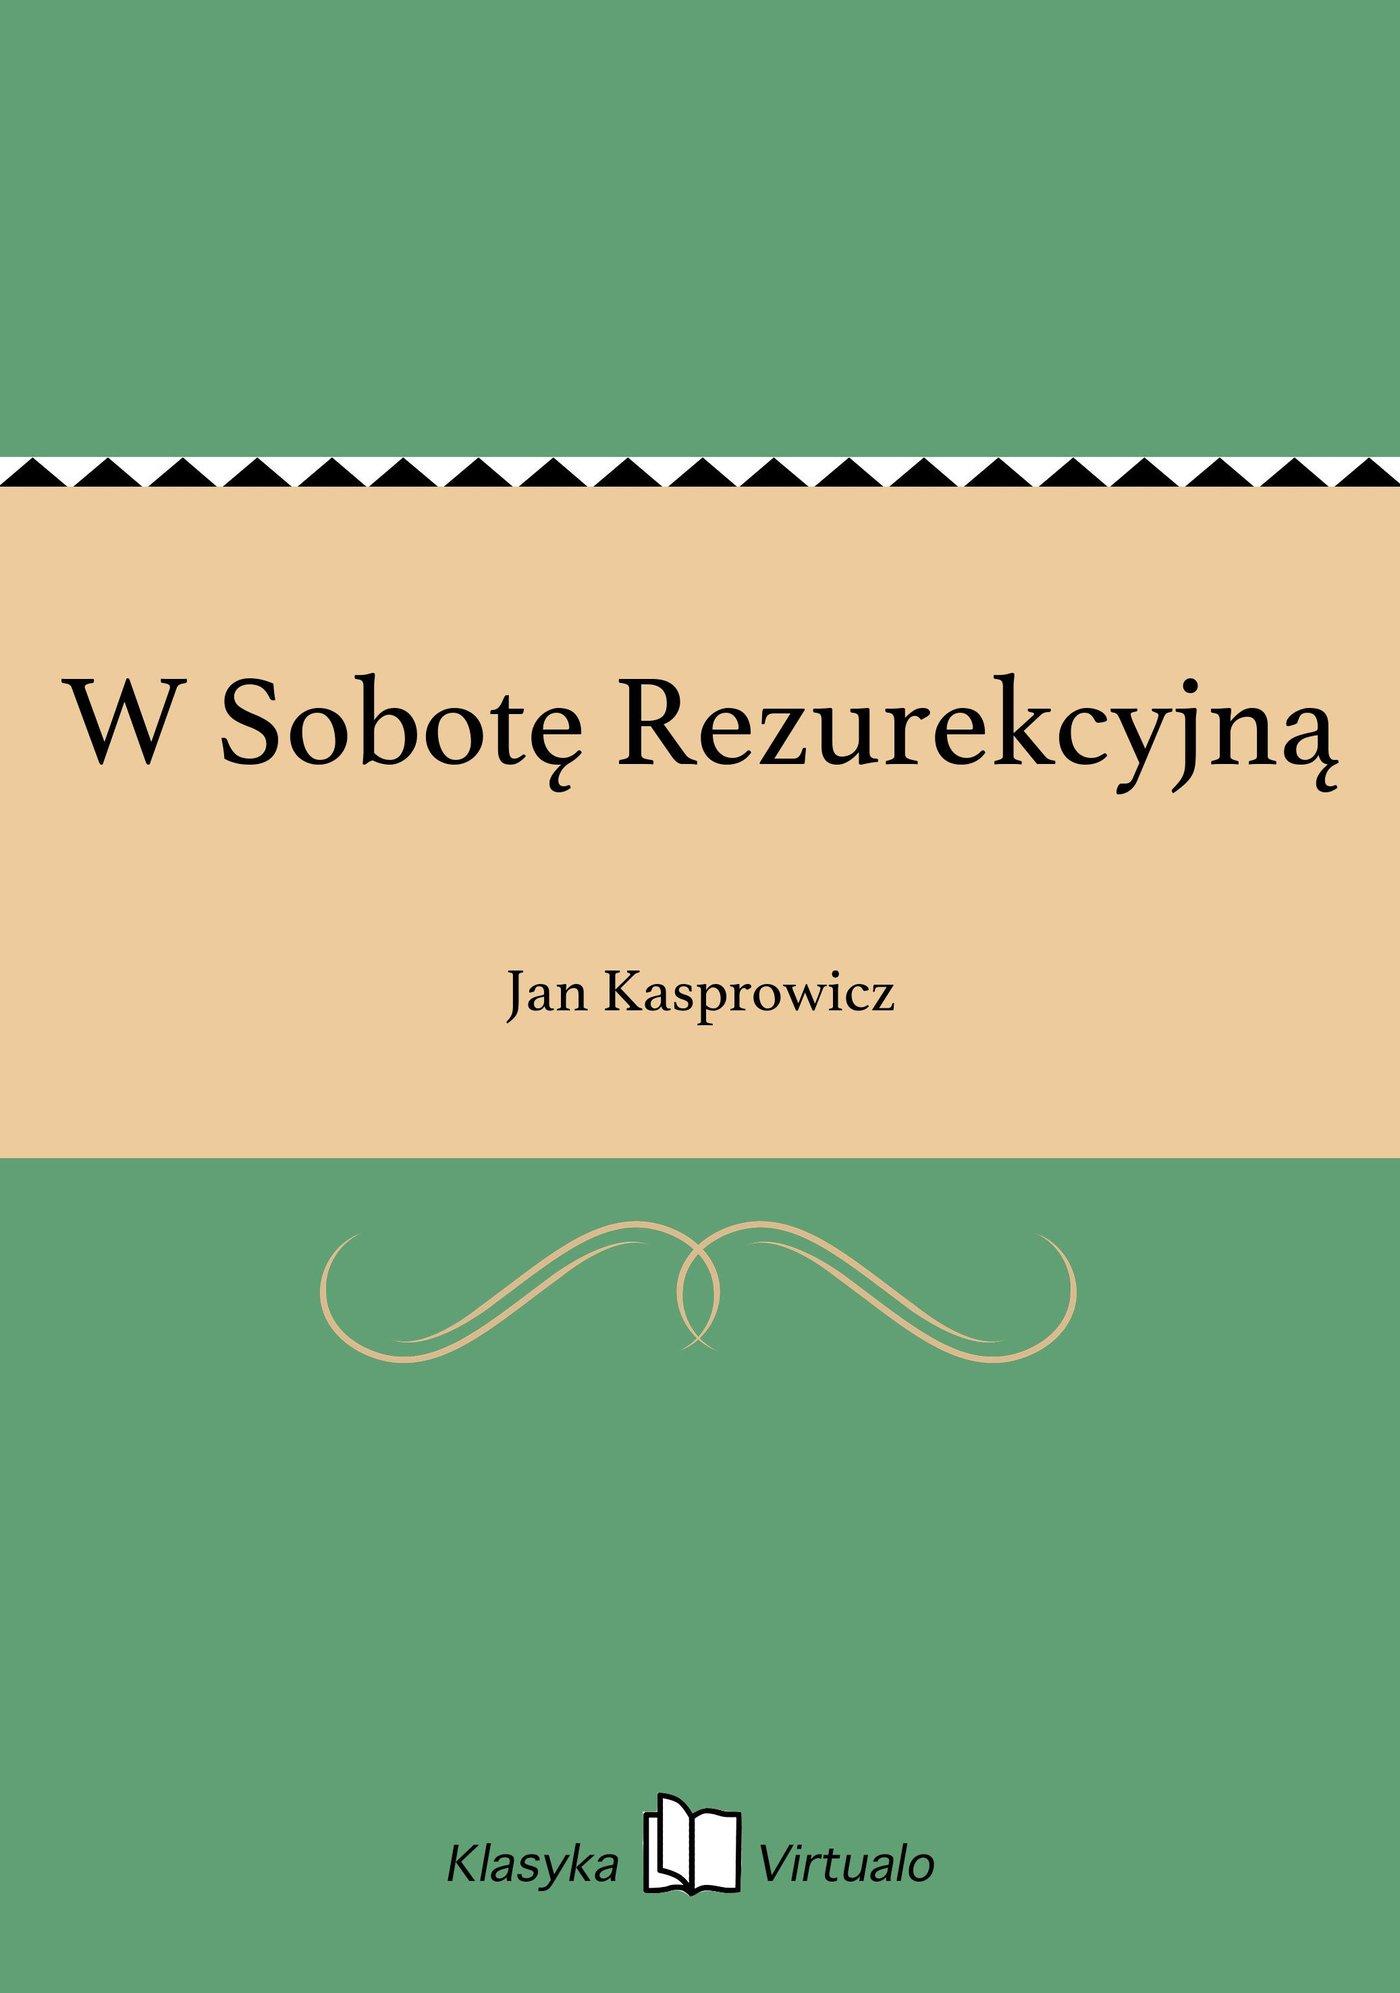 W Sobotę Rezurekcyjną - Ebook (Książka EPUB) do pobrania w formacie EPUB